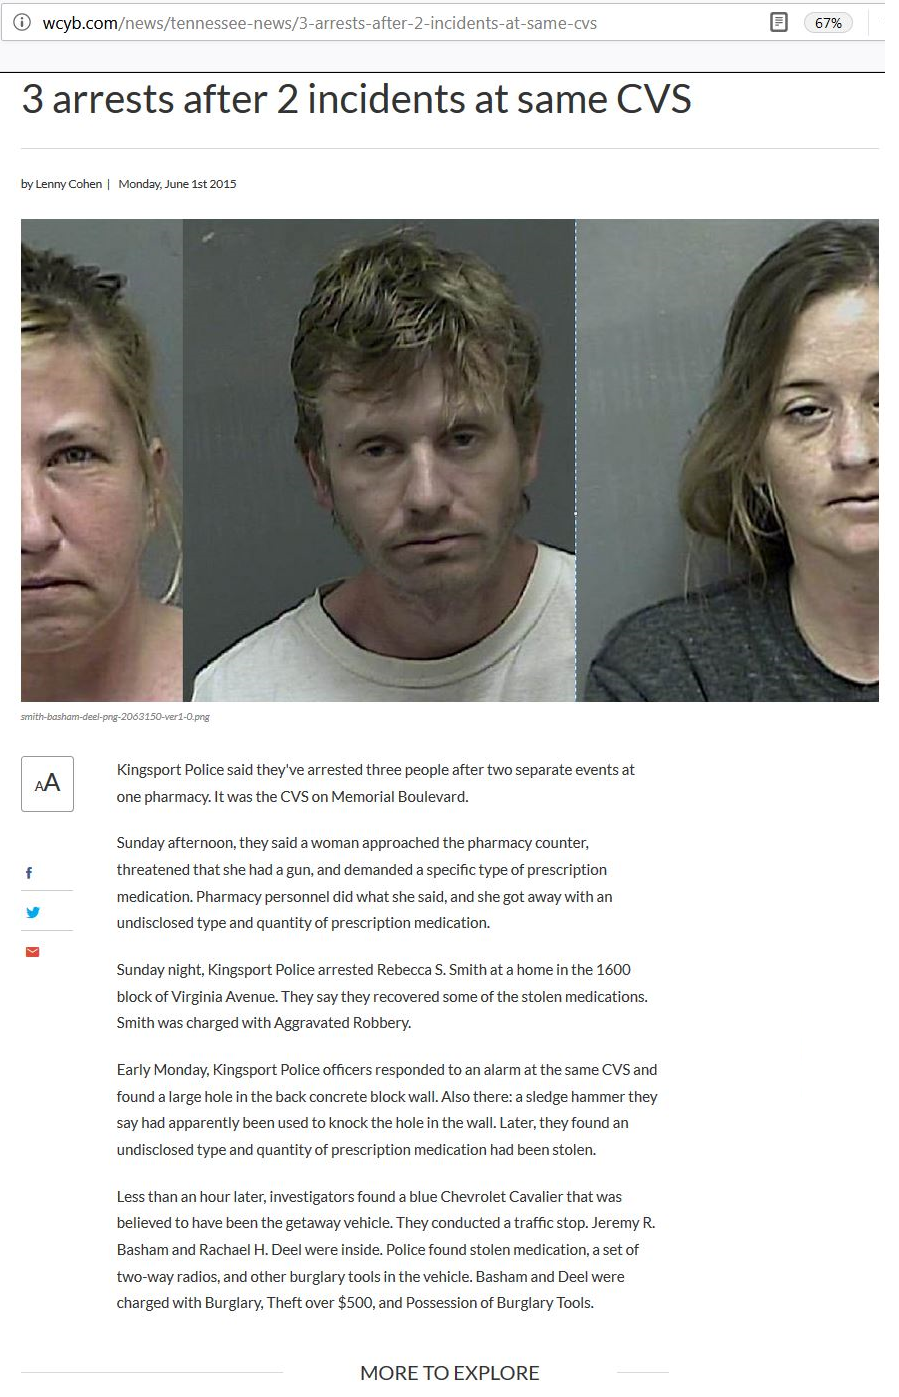 2015-06-01 3 arrests after 2 incidents at same CVS